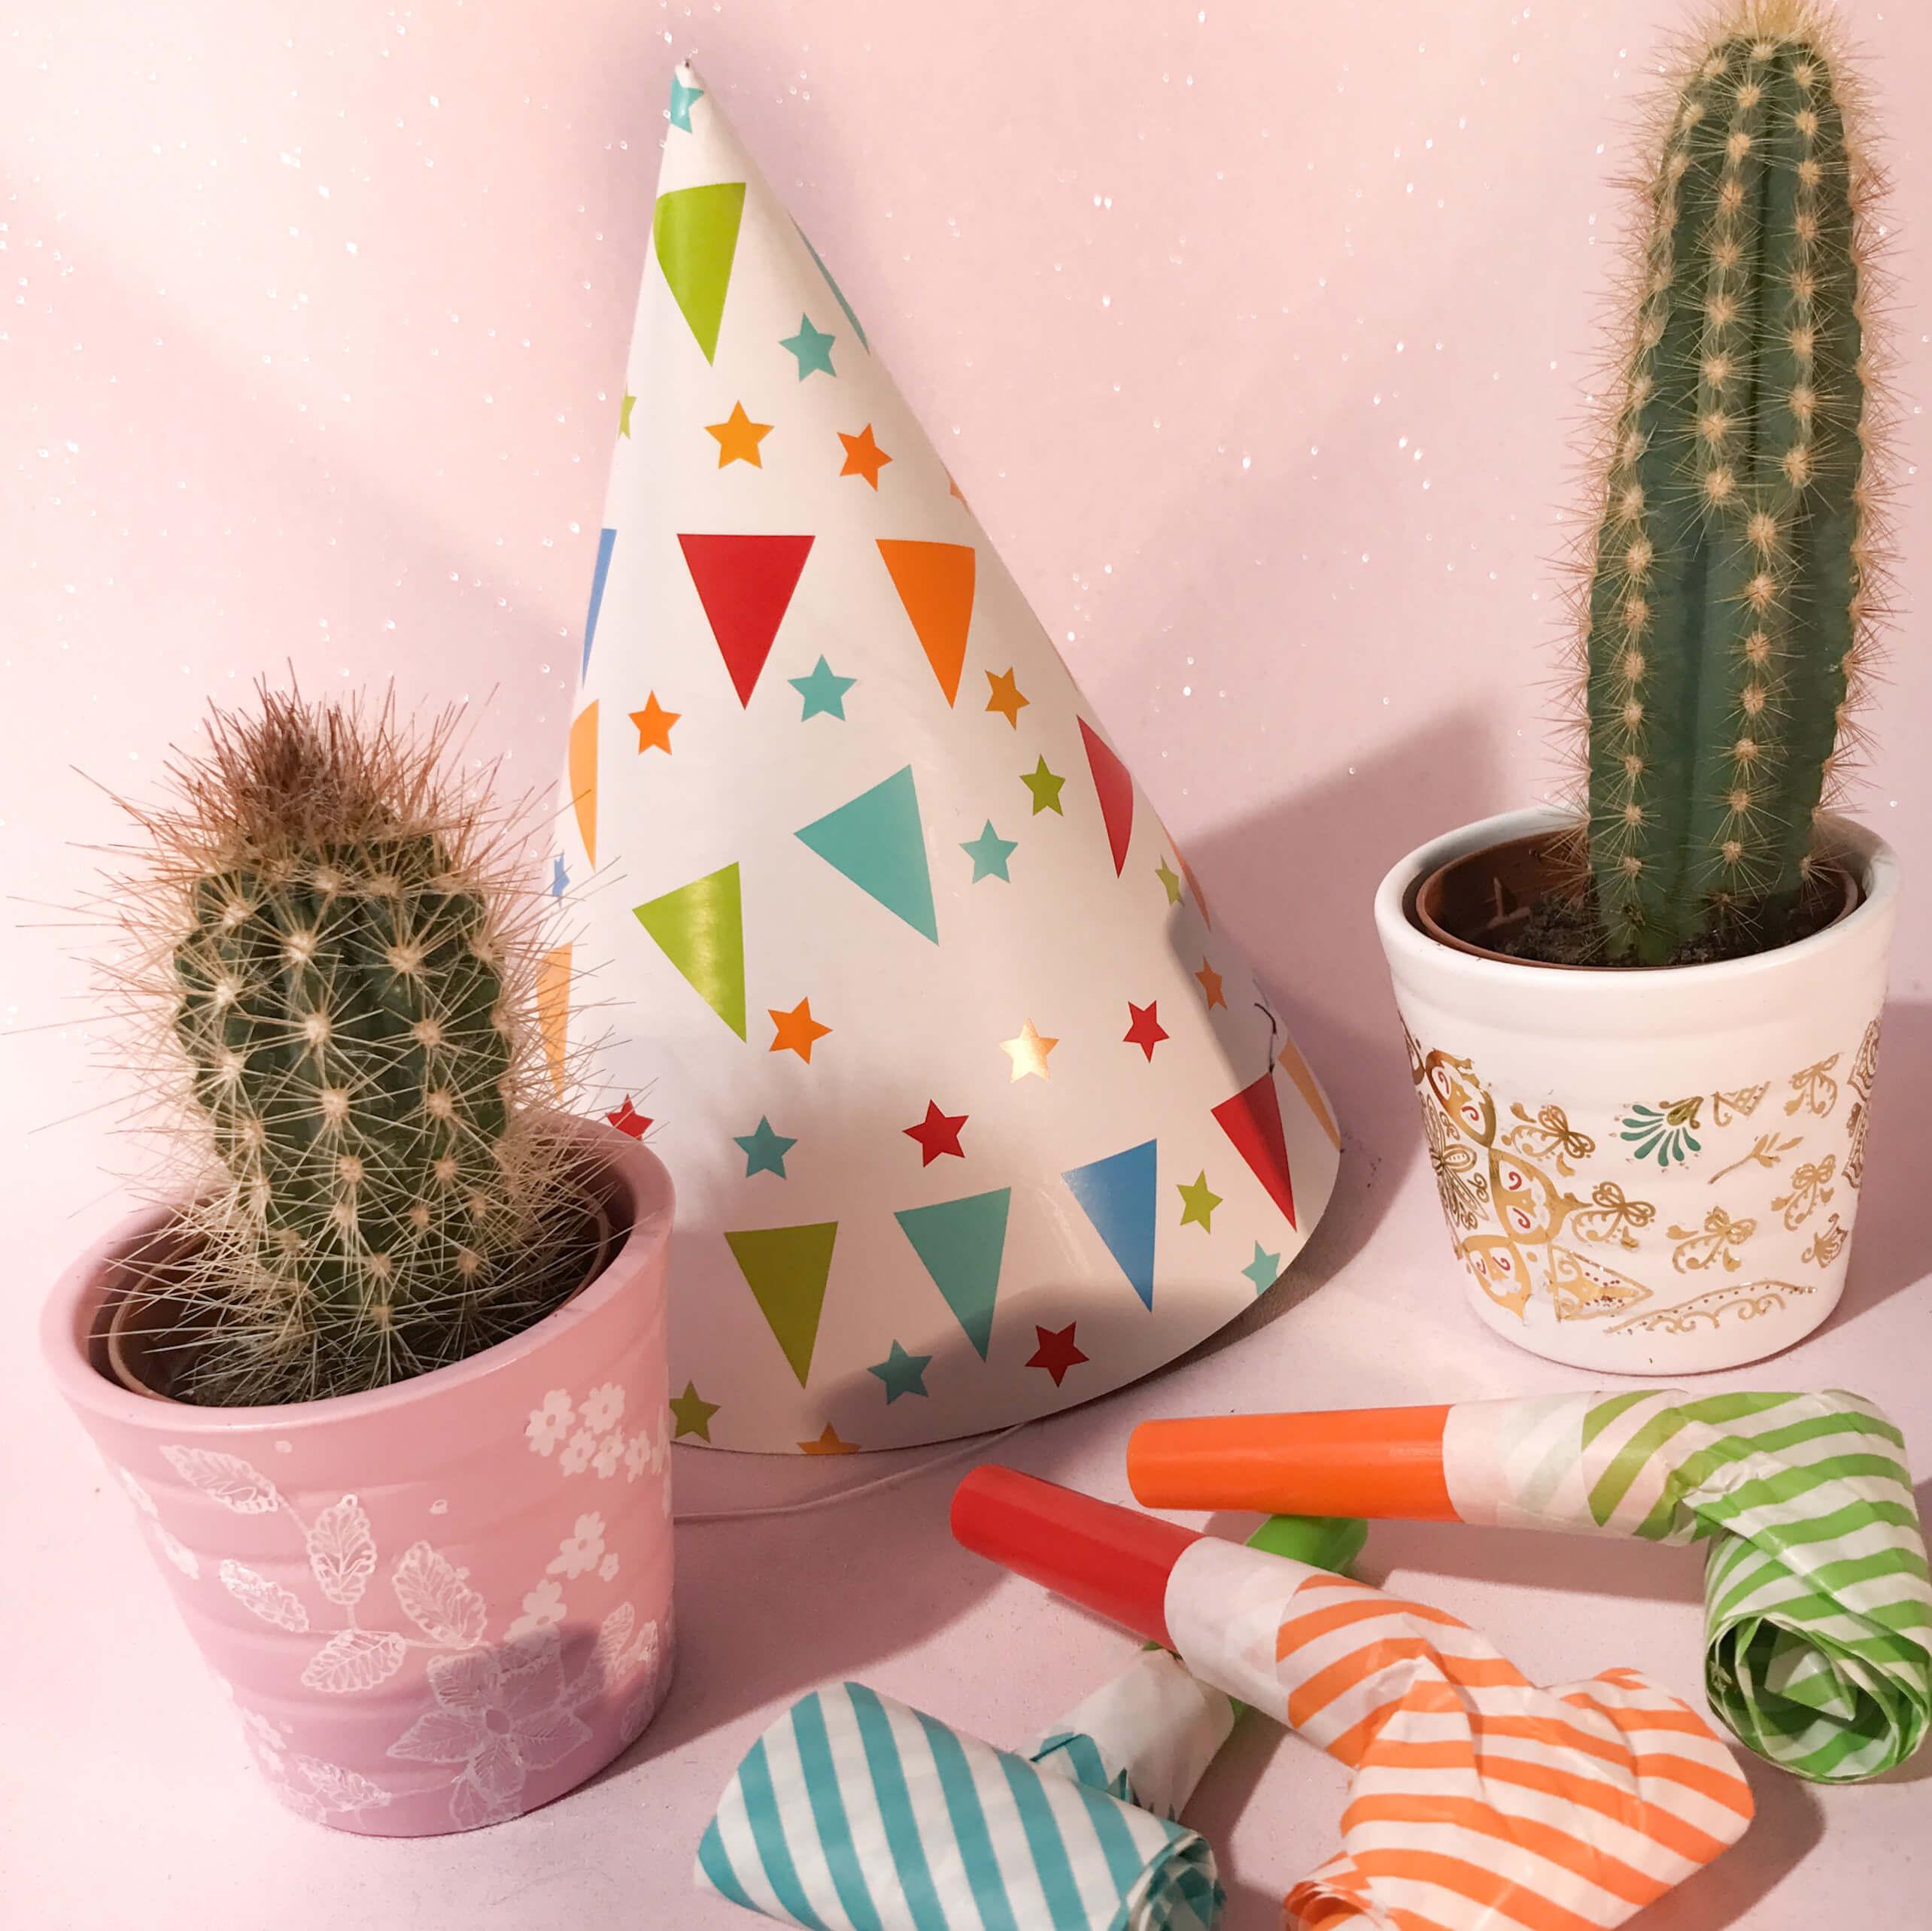 Customiser des pots à cactus avec des tatouages éphémères